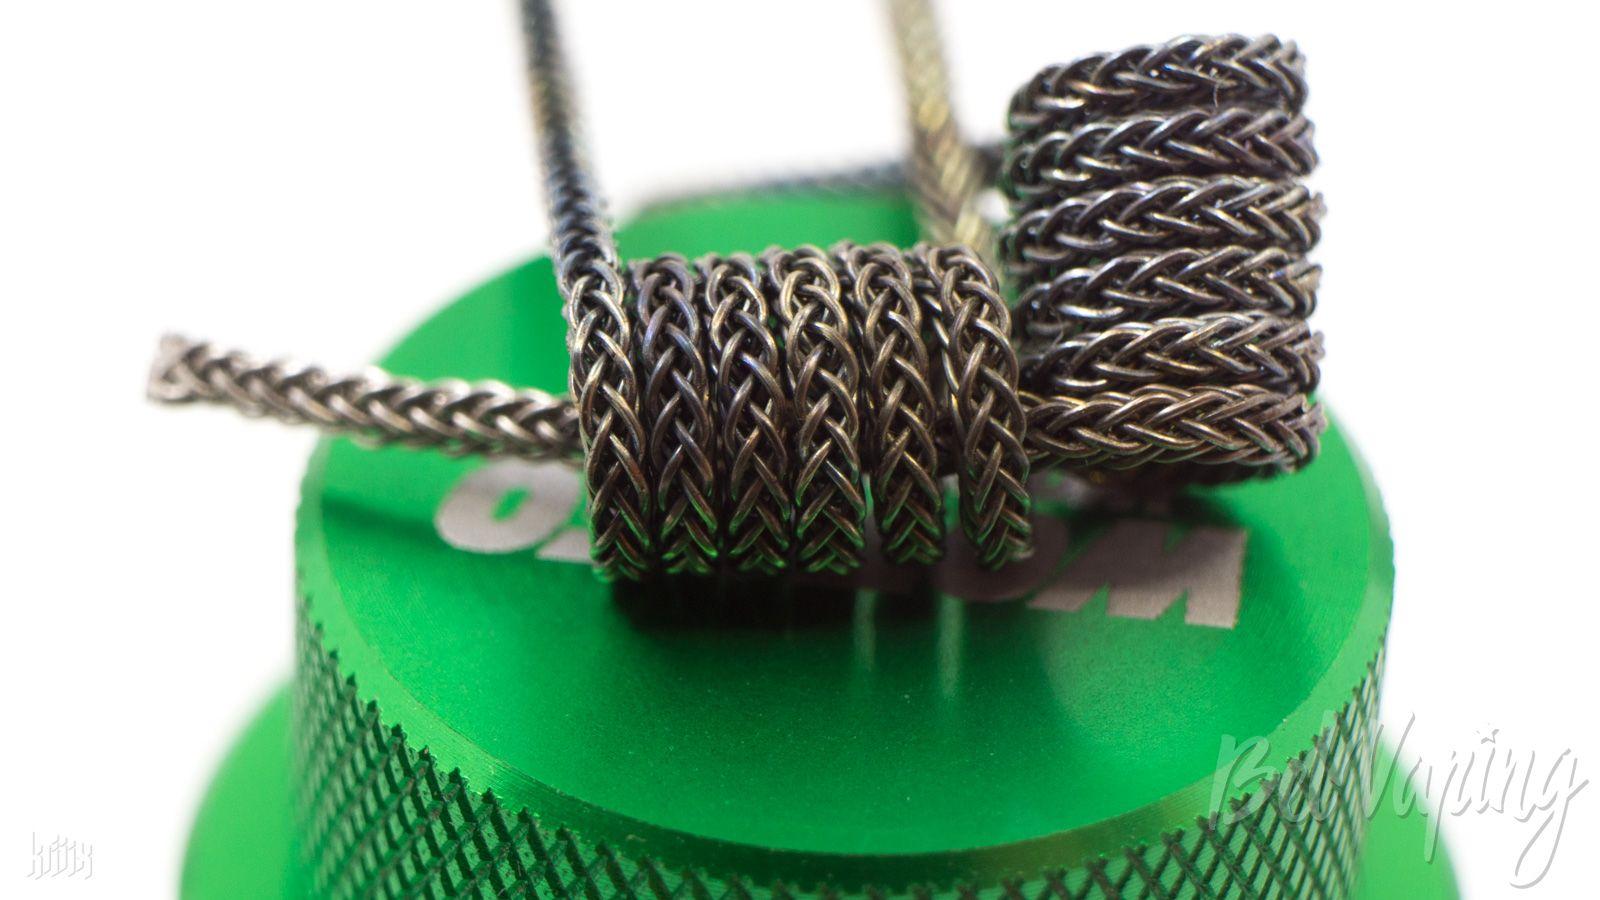 Тип спирали: Vertebraid Coil (вертибрейд)